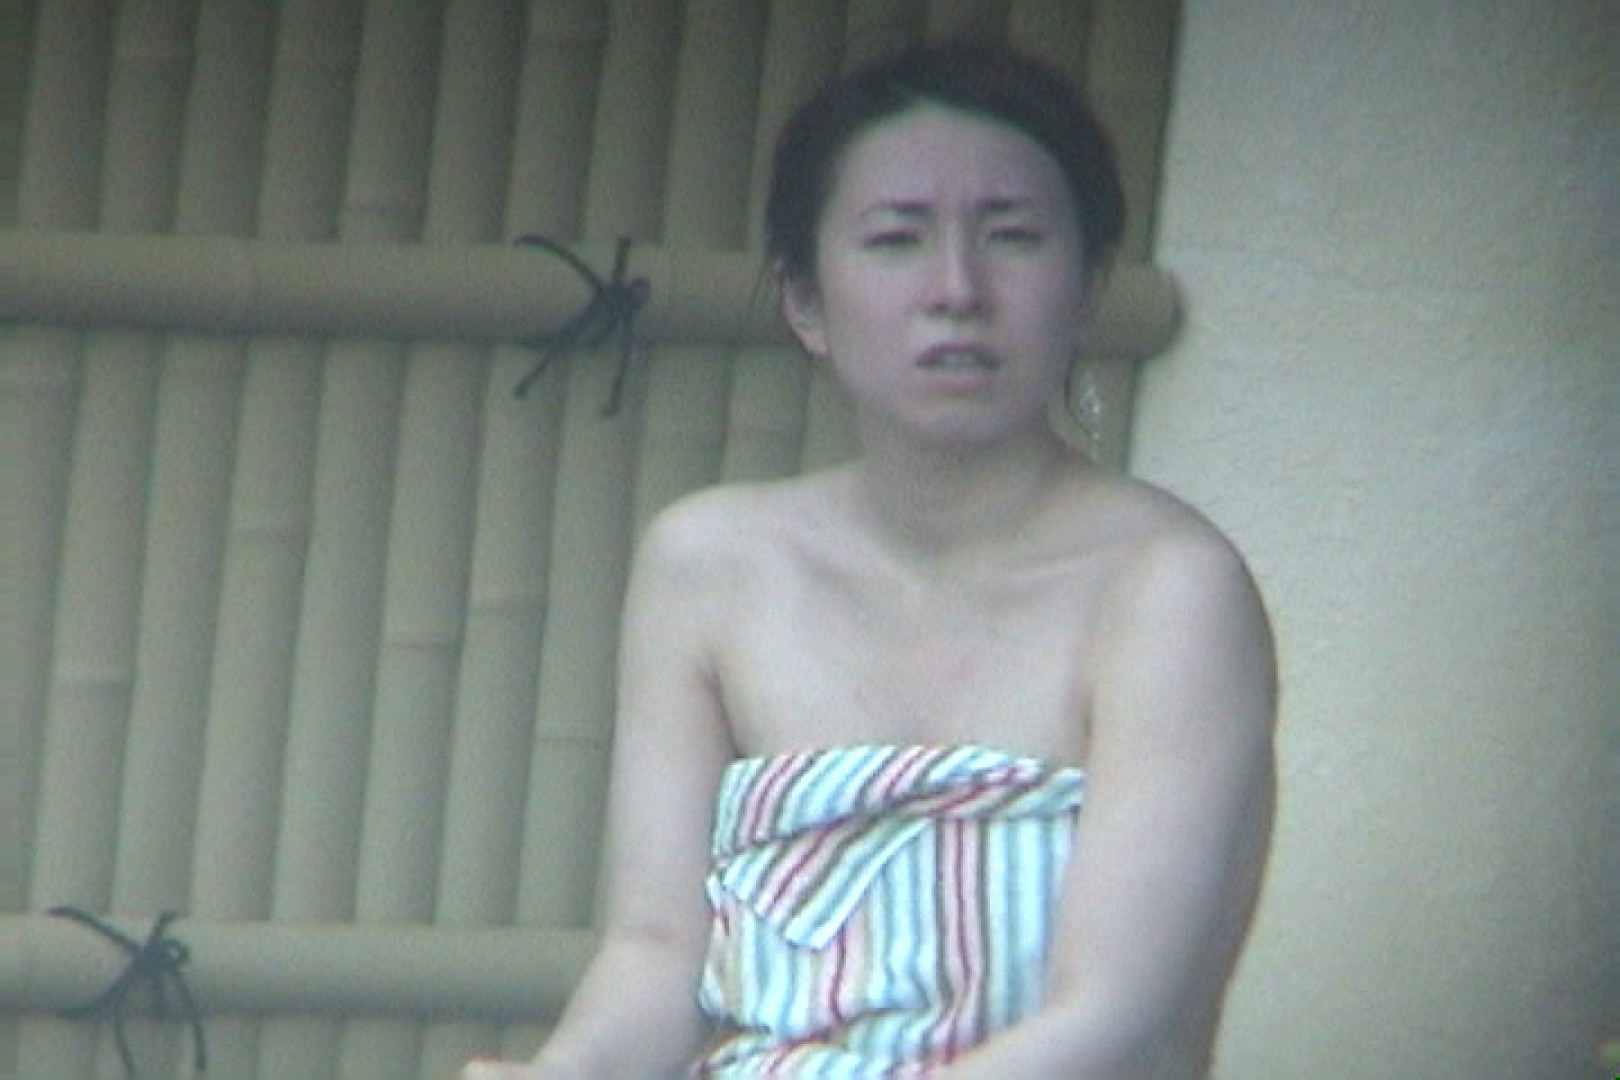 Aquaな露天風呂Vol.106 露天 | 盗撮  51画像 7